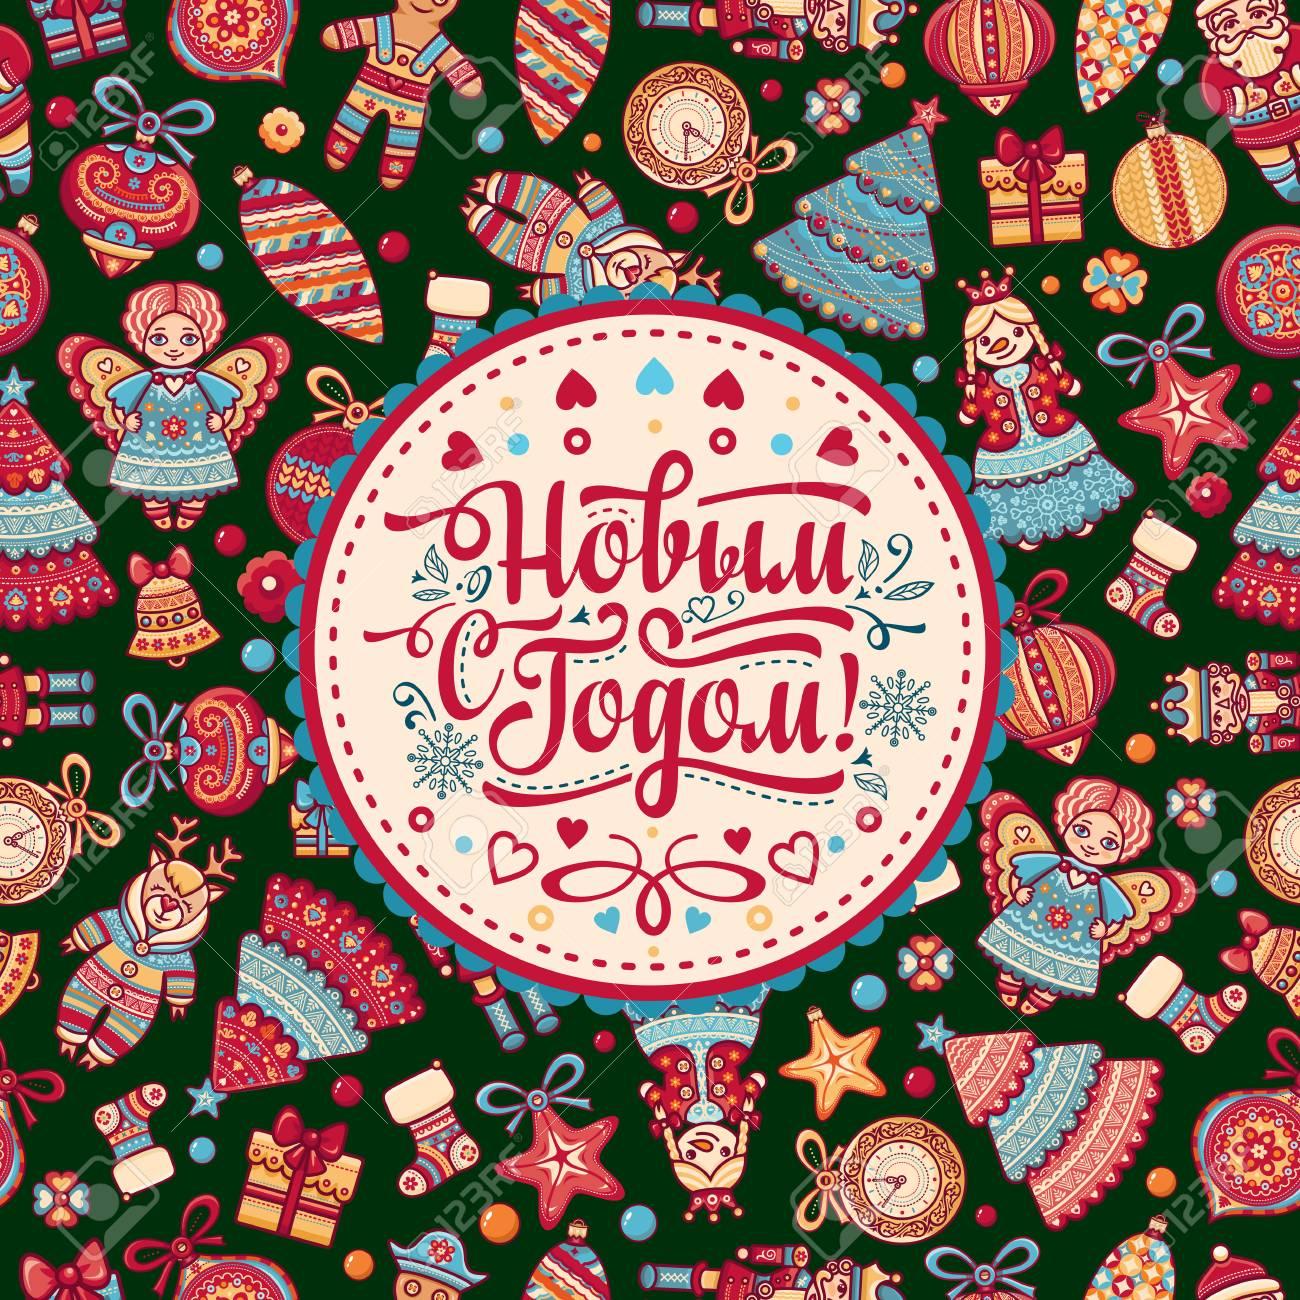 Fondo Del Año Nuevo Frase En Ruso Deseos Calurosos Para Las Felices Vacaciones En Cirílico Feliz Año Nuevo